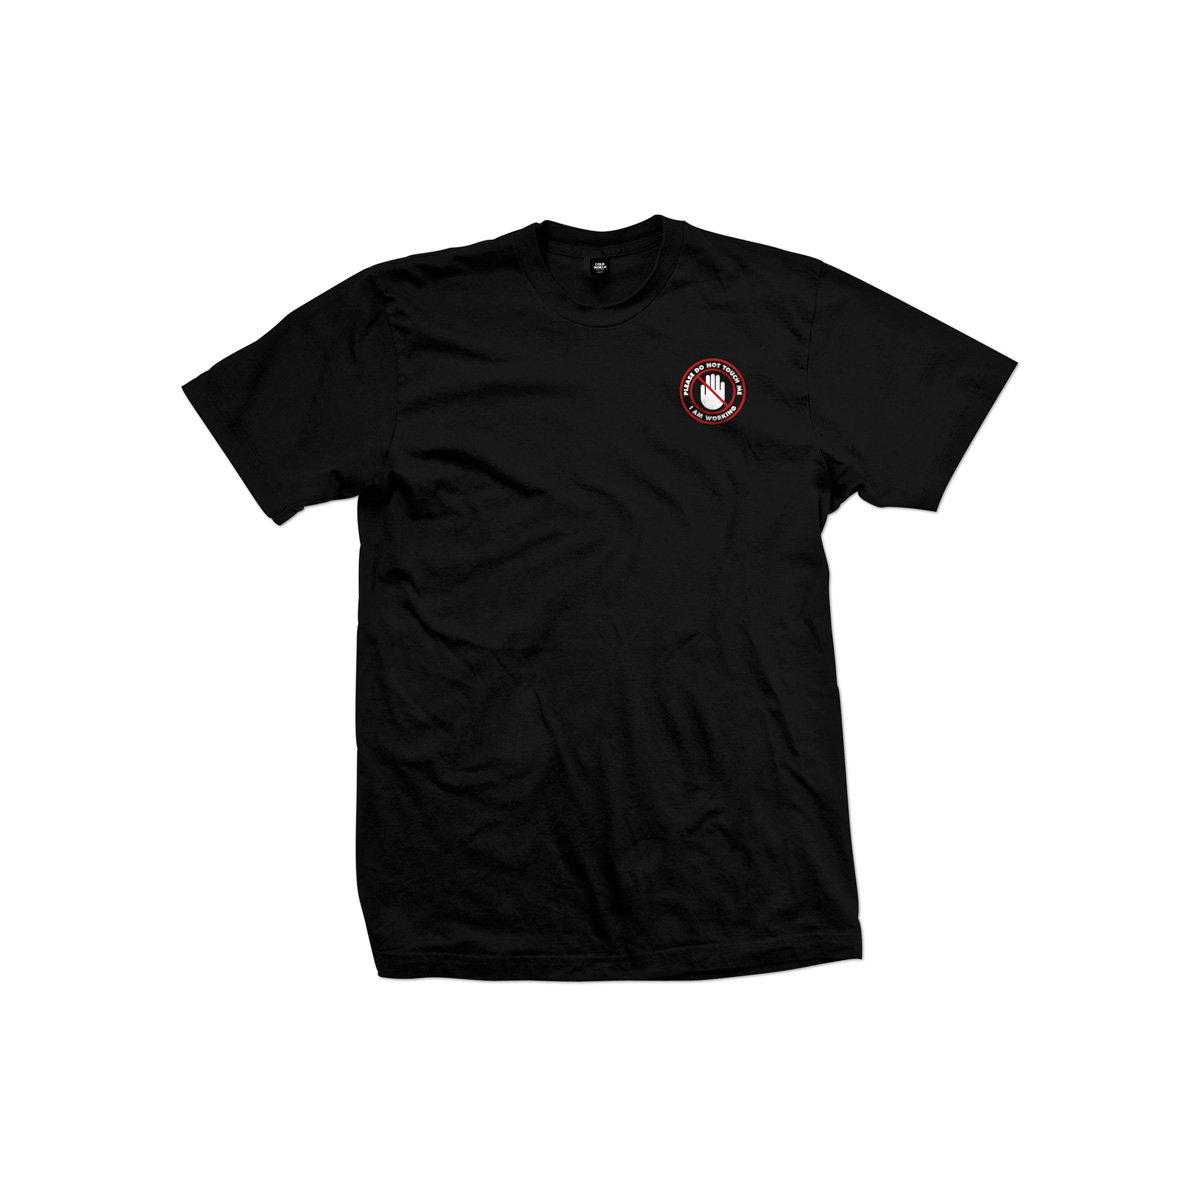 【COLD WORLD FROZEN GOODS/コールドワールドフローズングッズ】SERVICE INDUSTRY TEE Tシャツ / BLACK